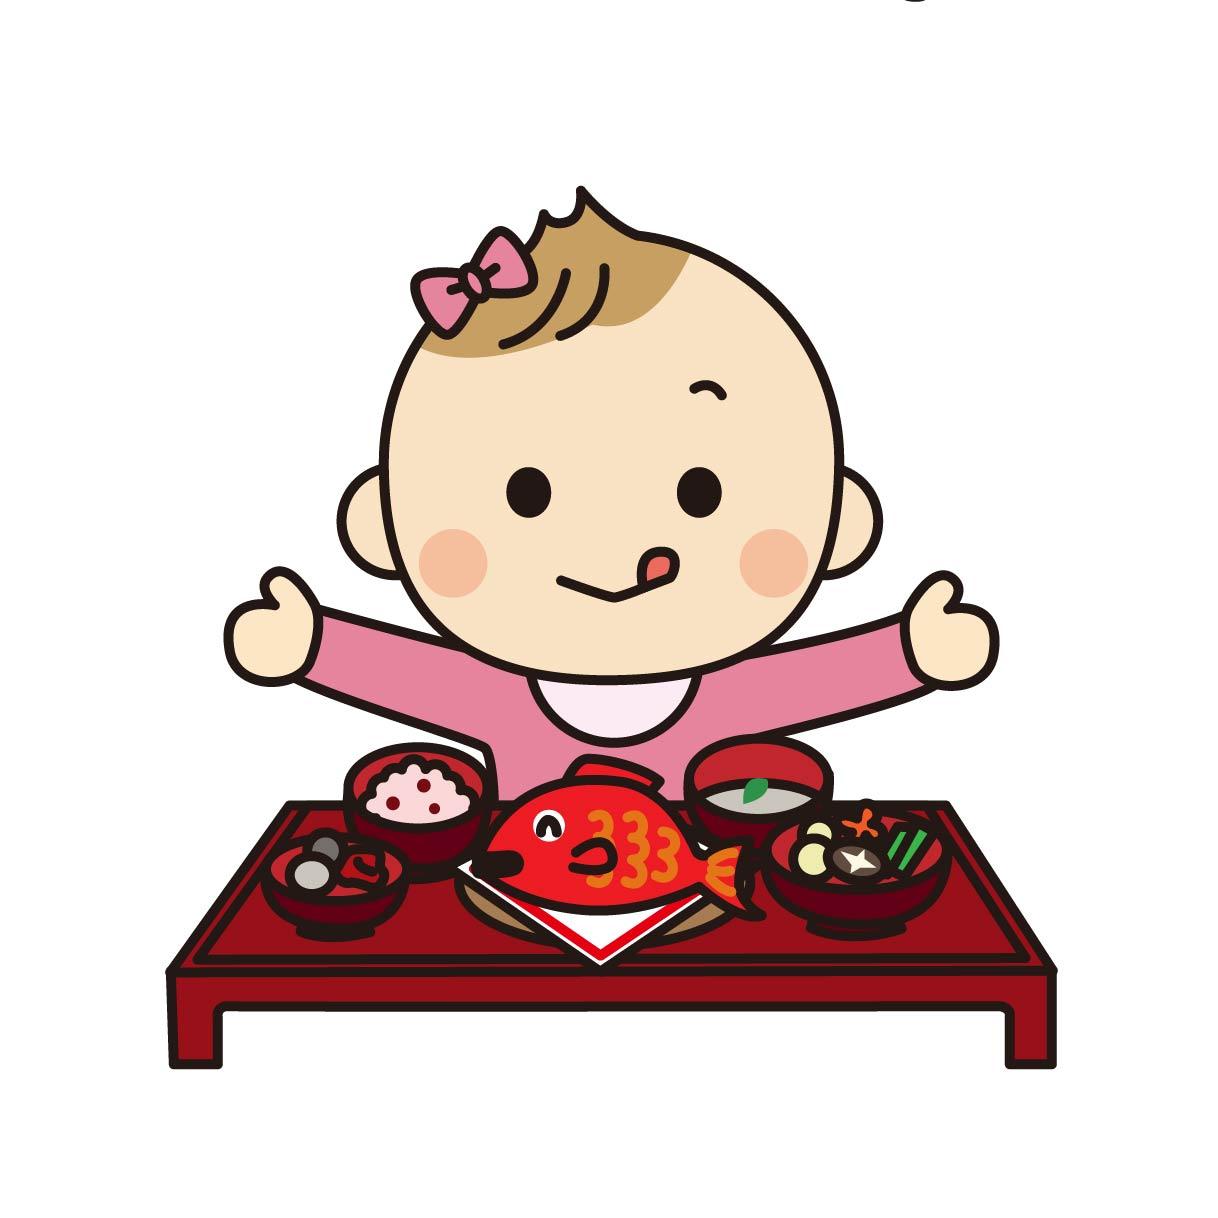 女の子の赤ちゃんのお食い初めのイメージ画像